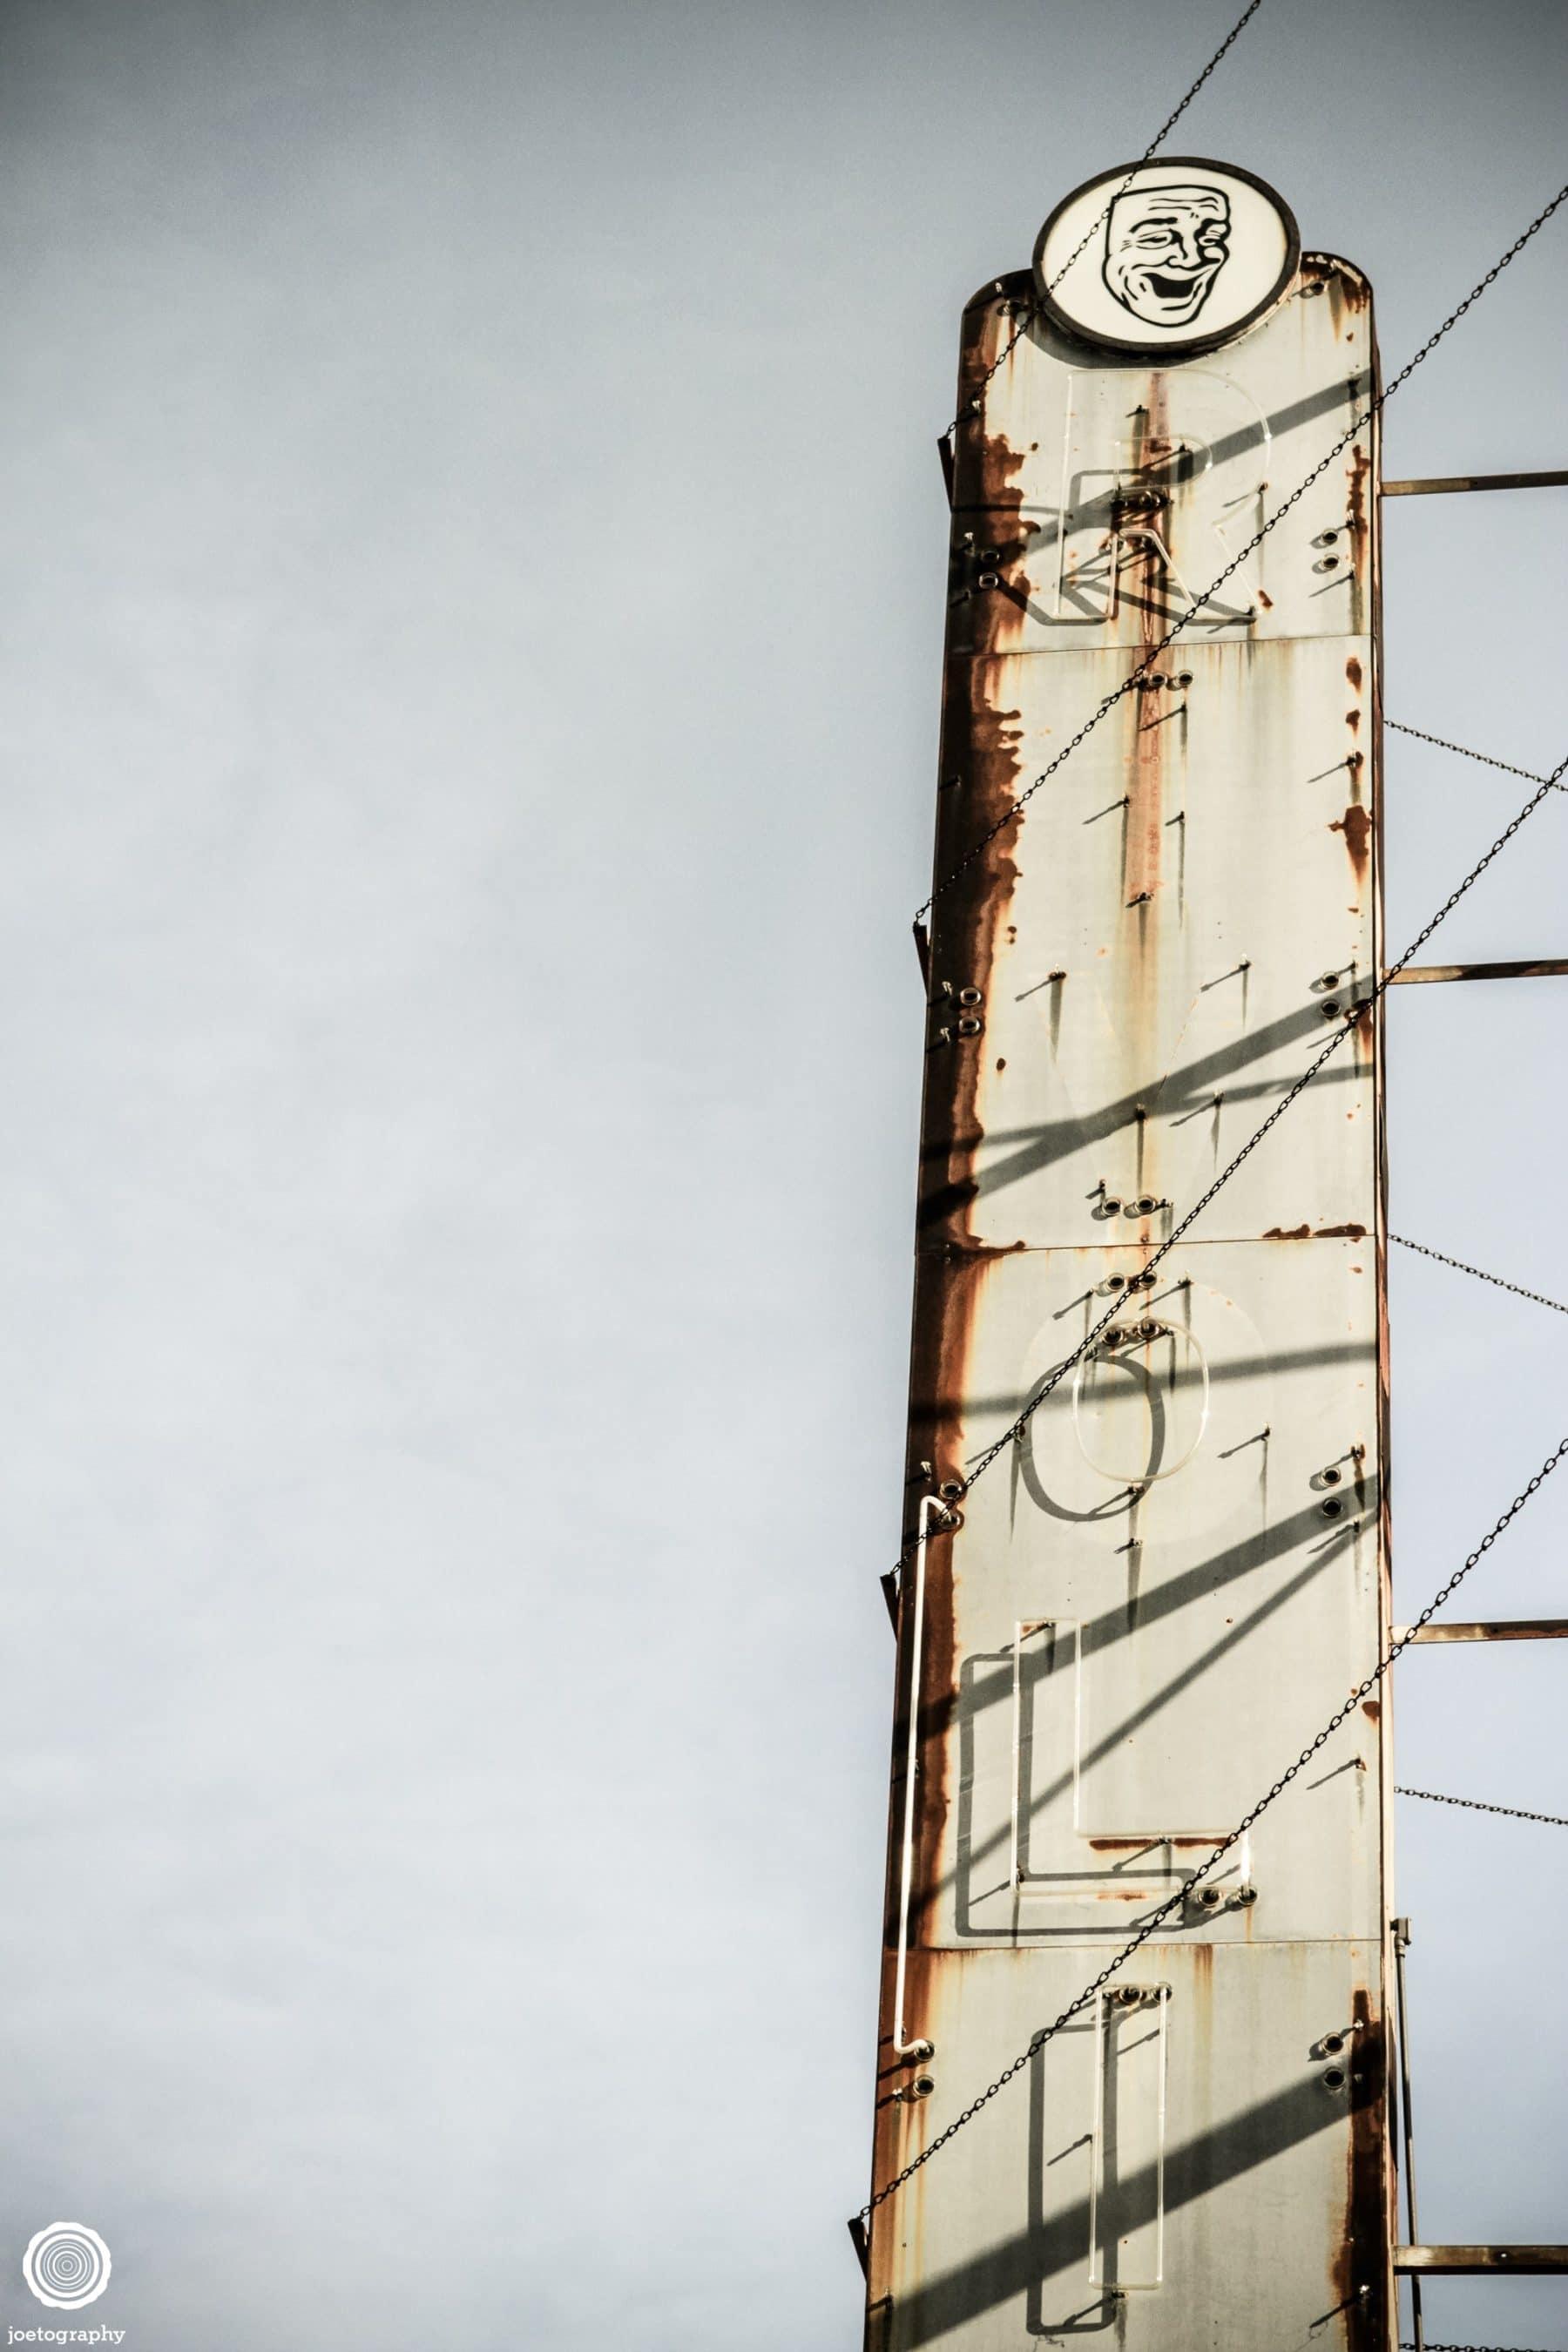 Rivoli-Theatre-Architecture-Photography-Indianapolis-12